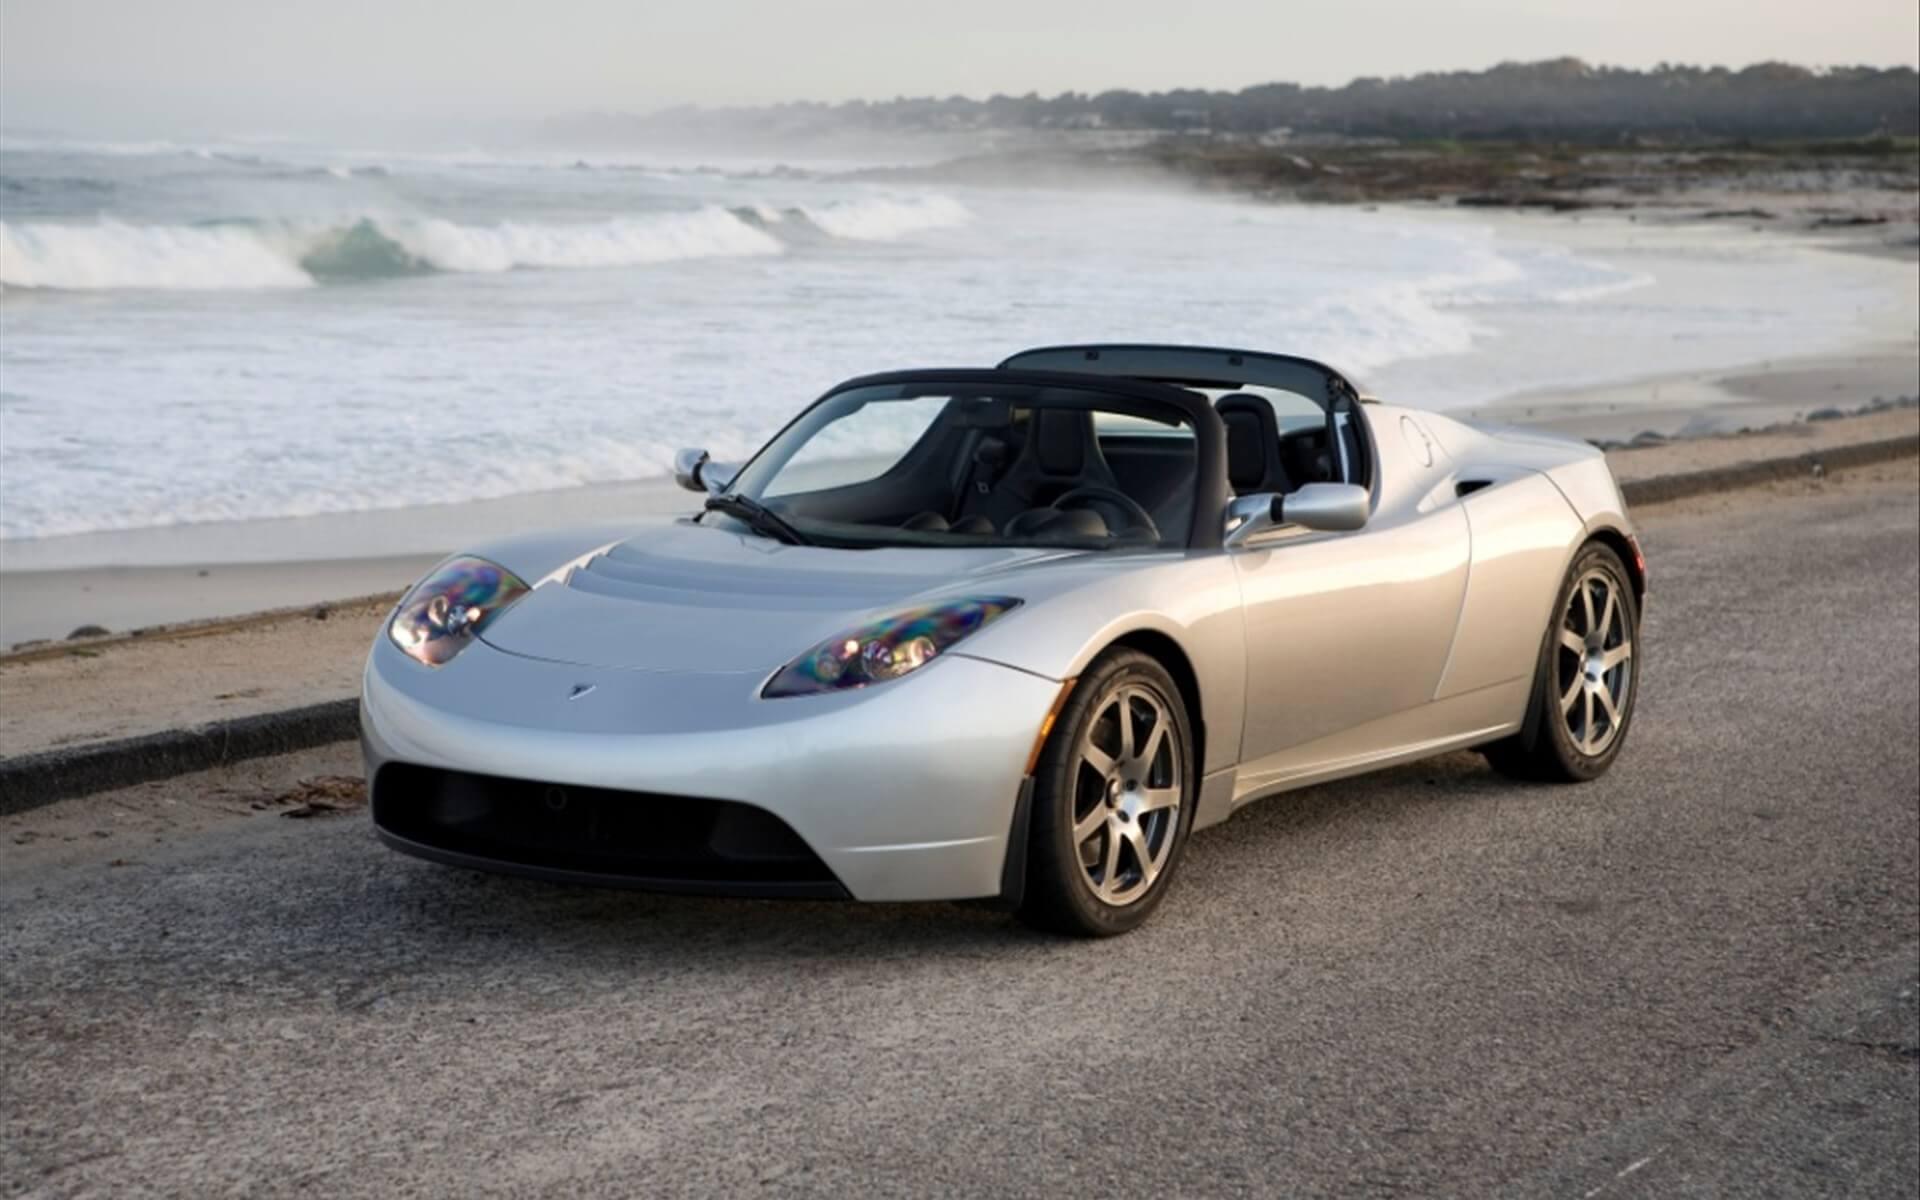 Первый электромобиль компании Tesla под названием Tesla Roadster